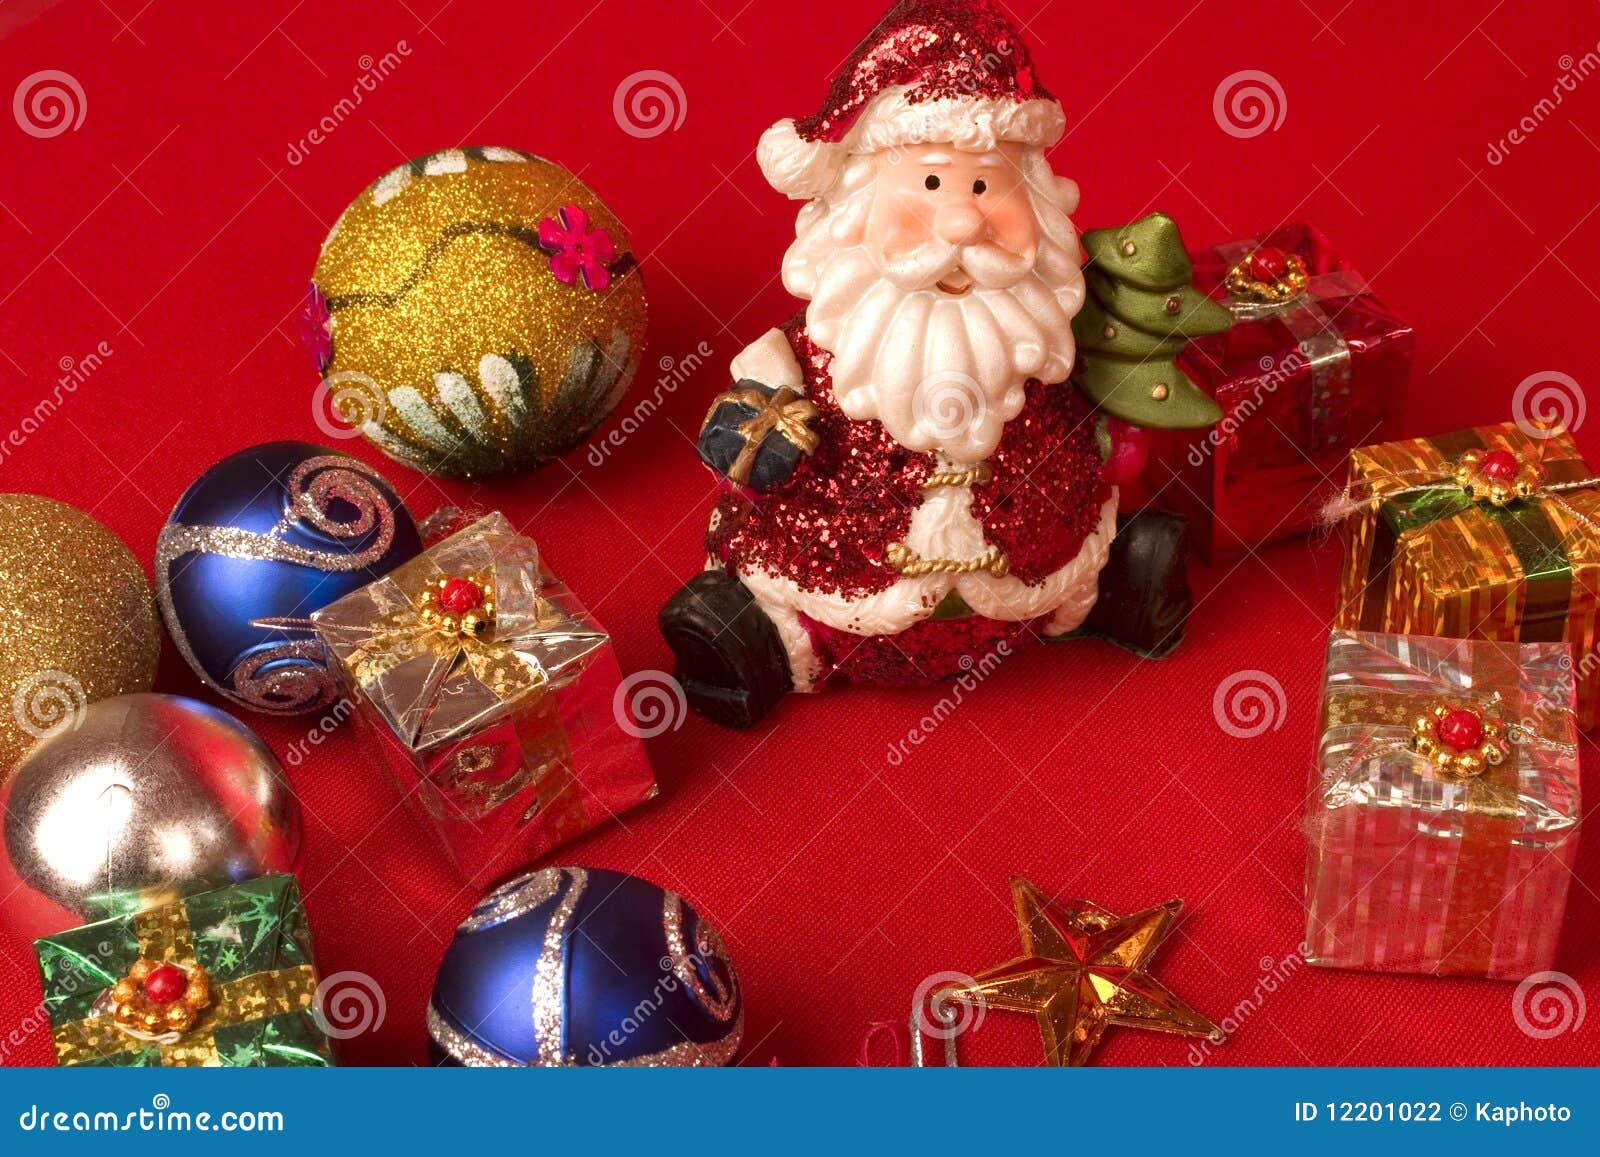 Sankt mit Weihnachtsgeschenken